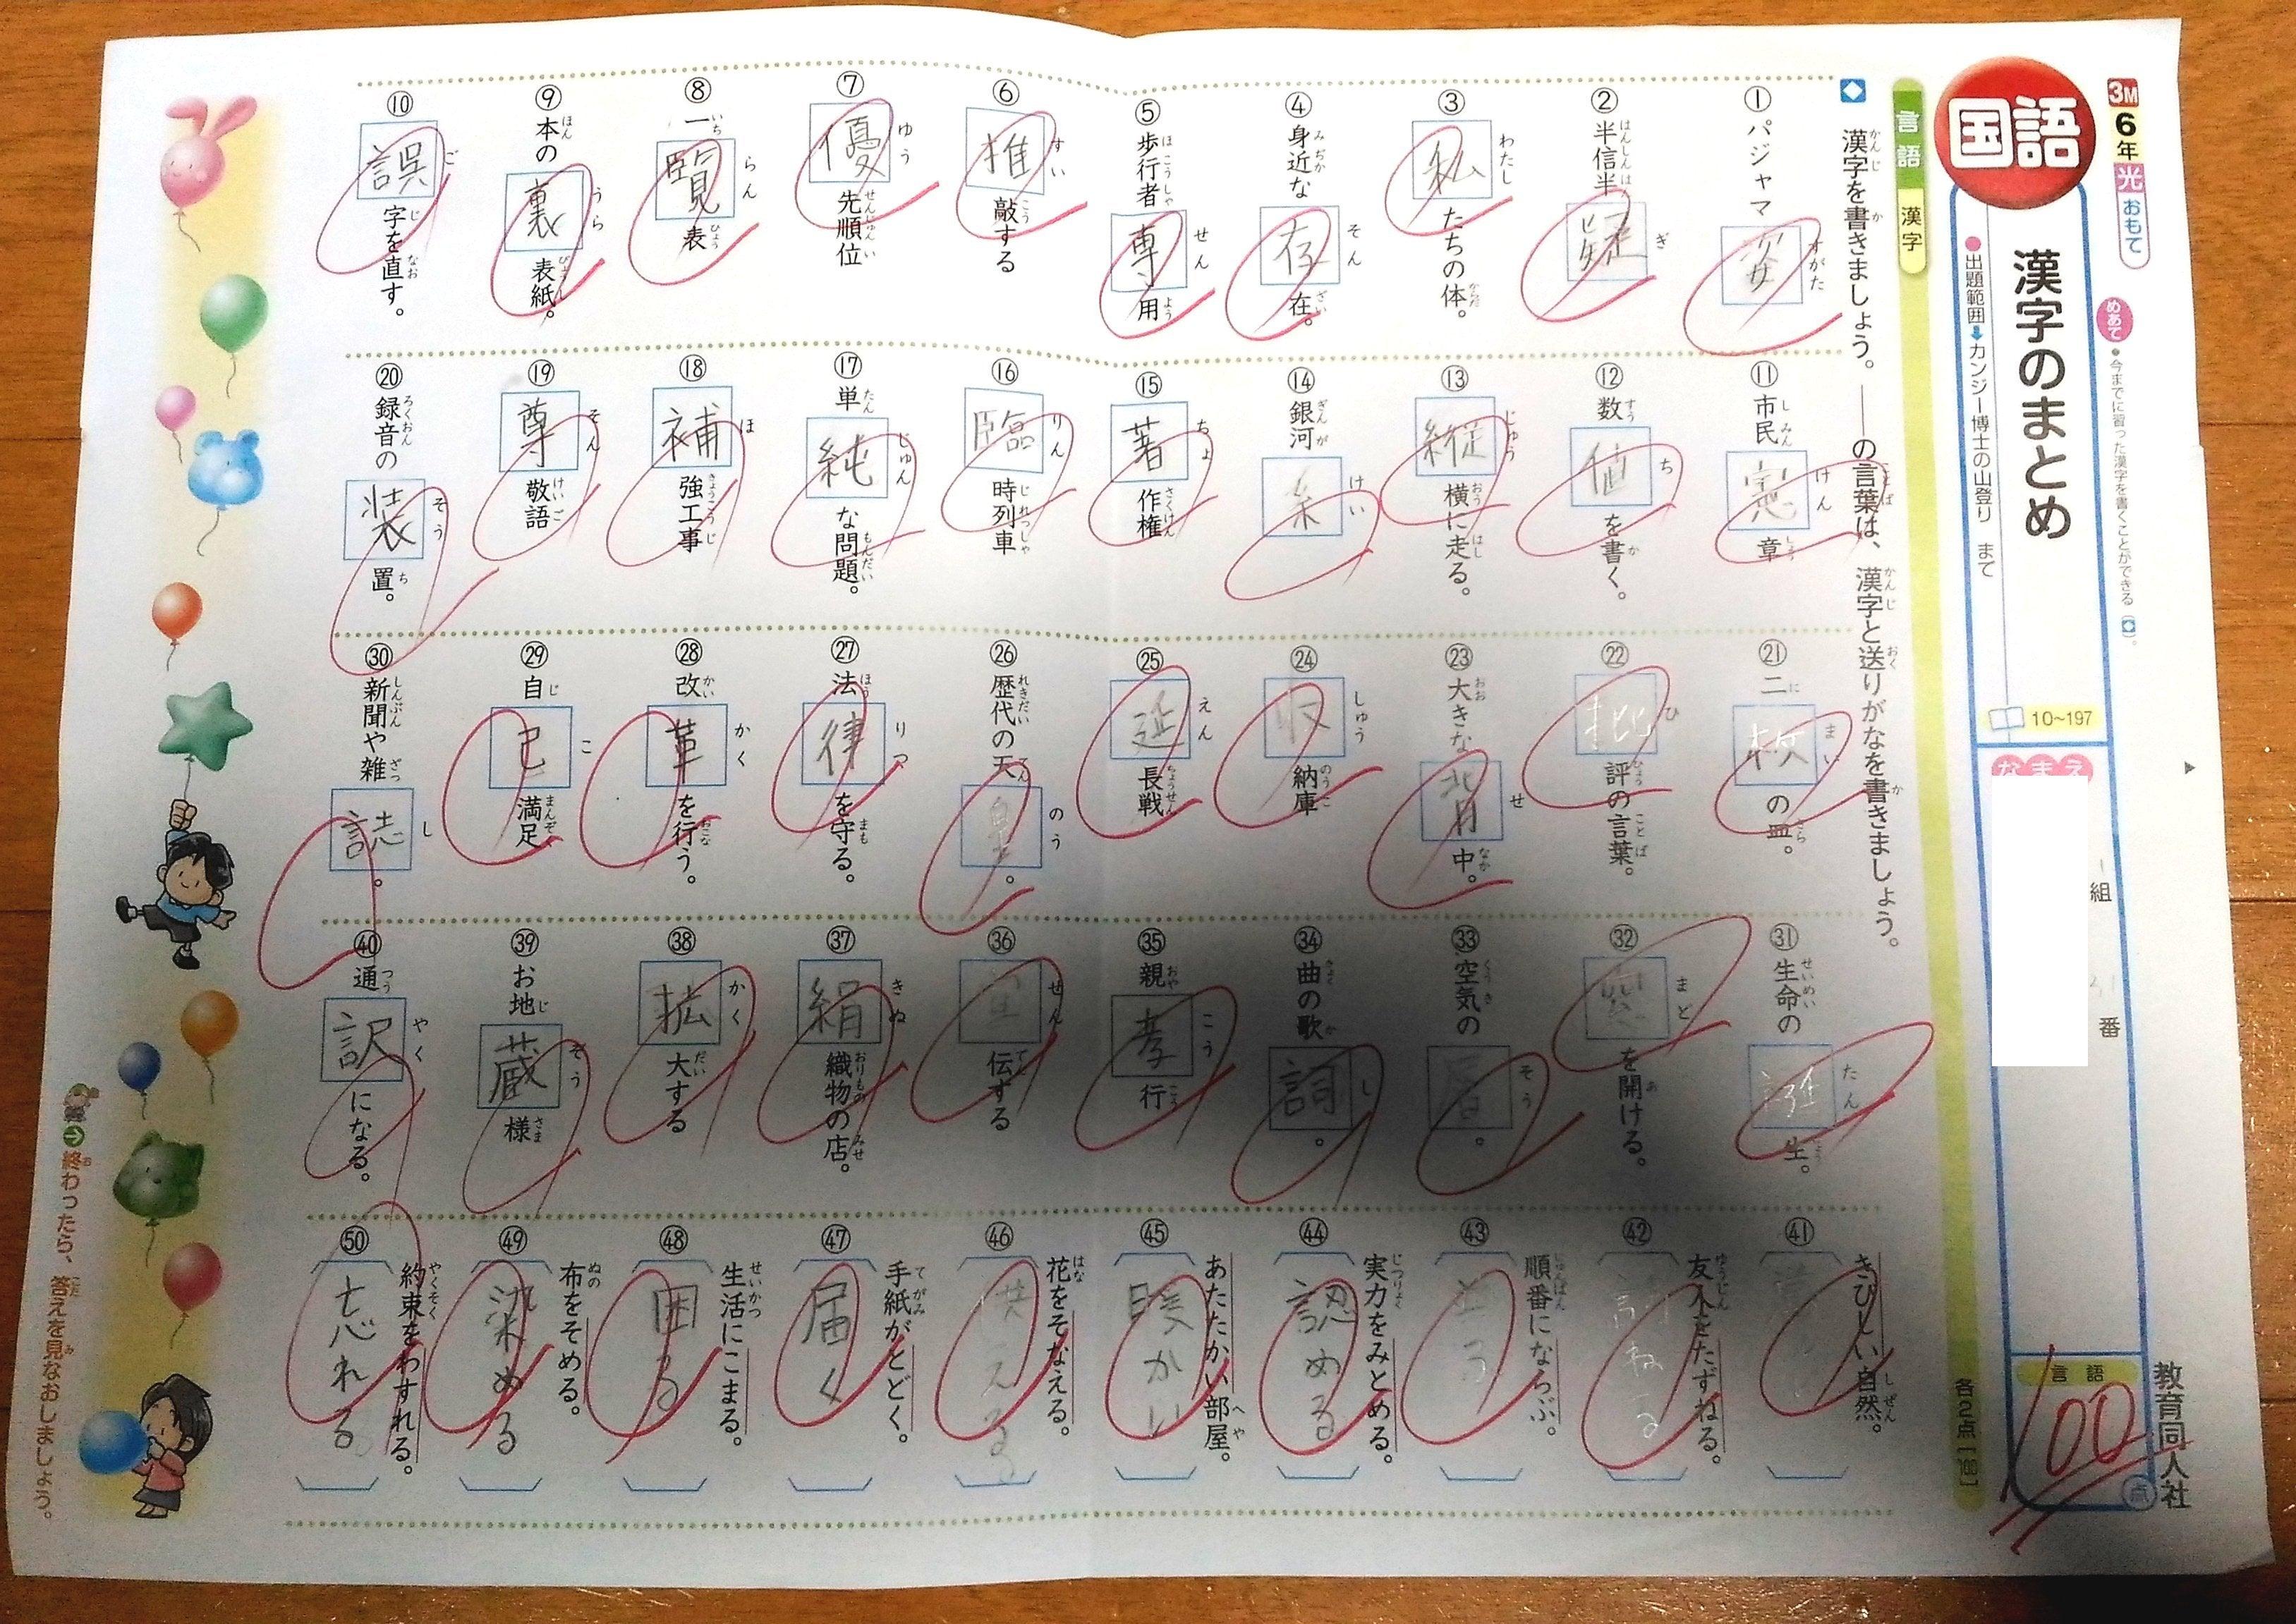 六年生漢字パーフェクト Ldサポート教育8 ld系男子